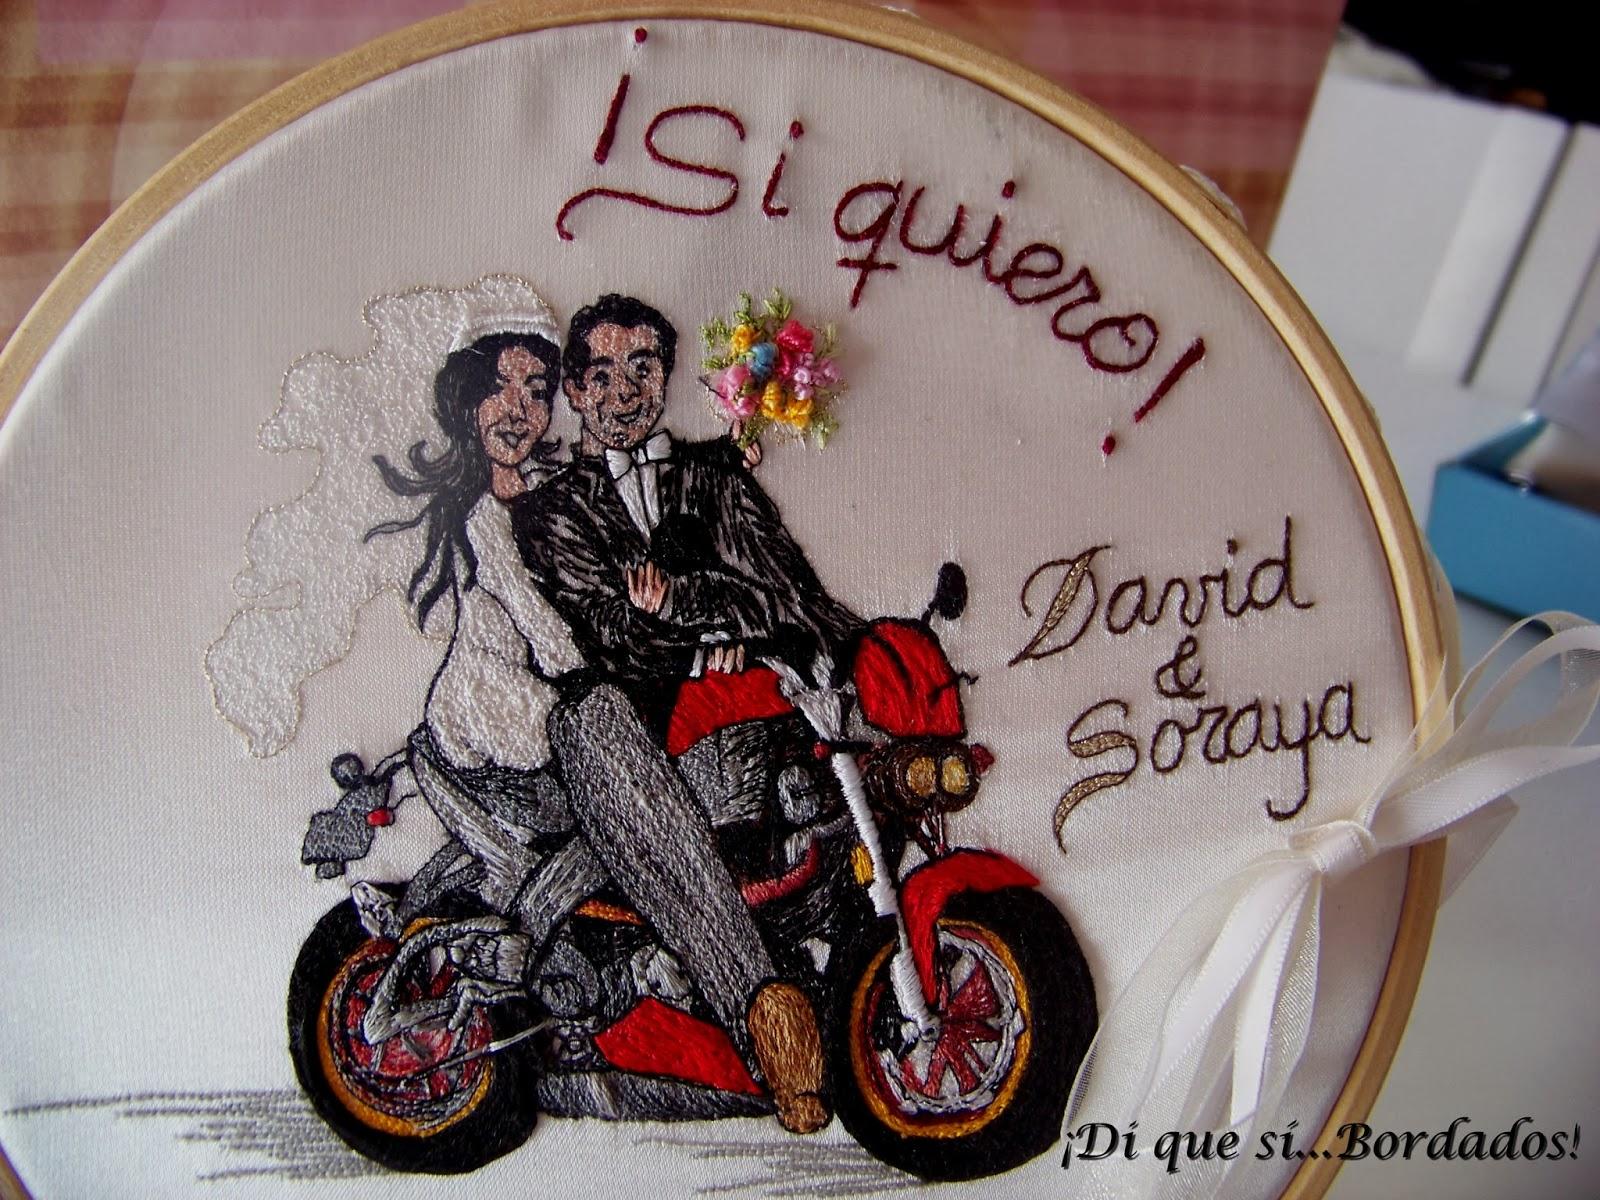 Di que s bordados boda de david y soraya 15 2 2014 for Bordados personalizados madrid